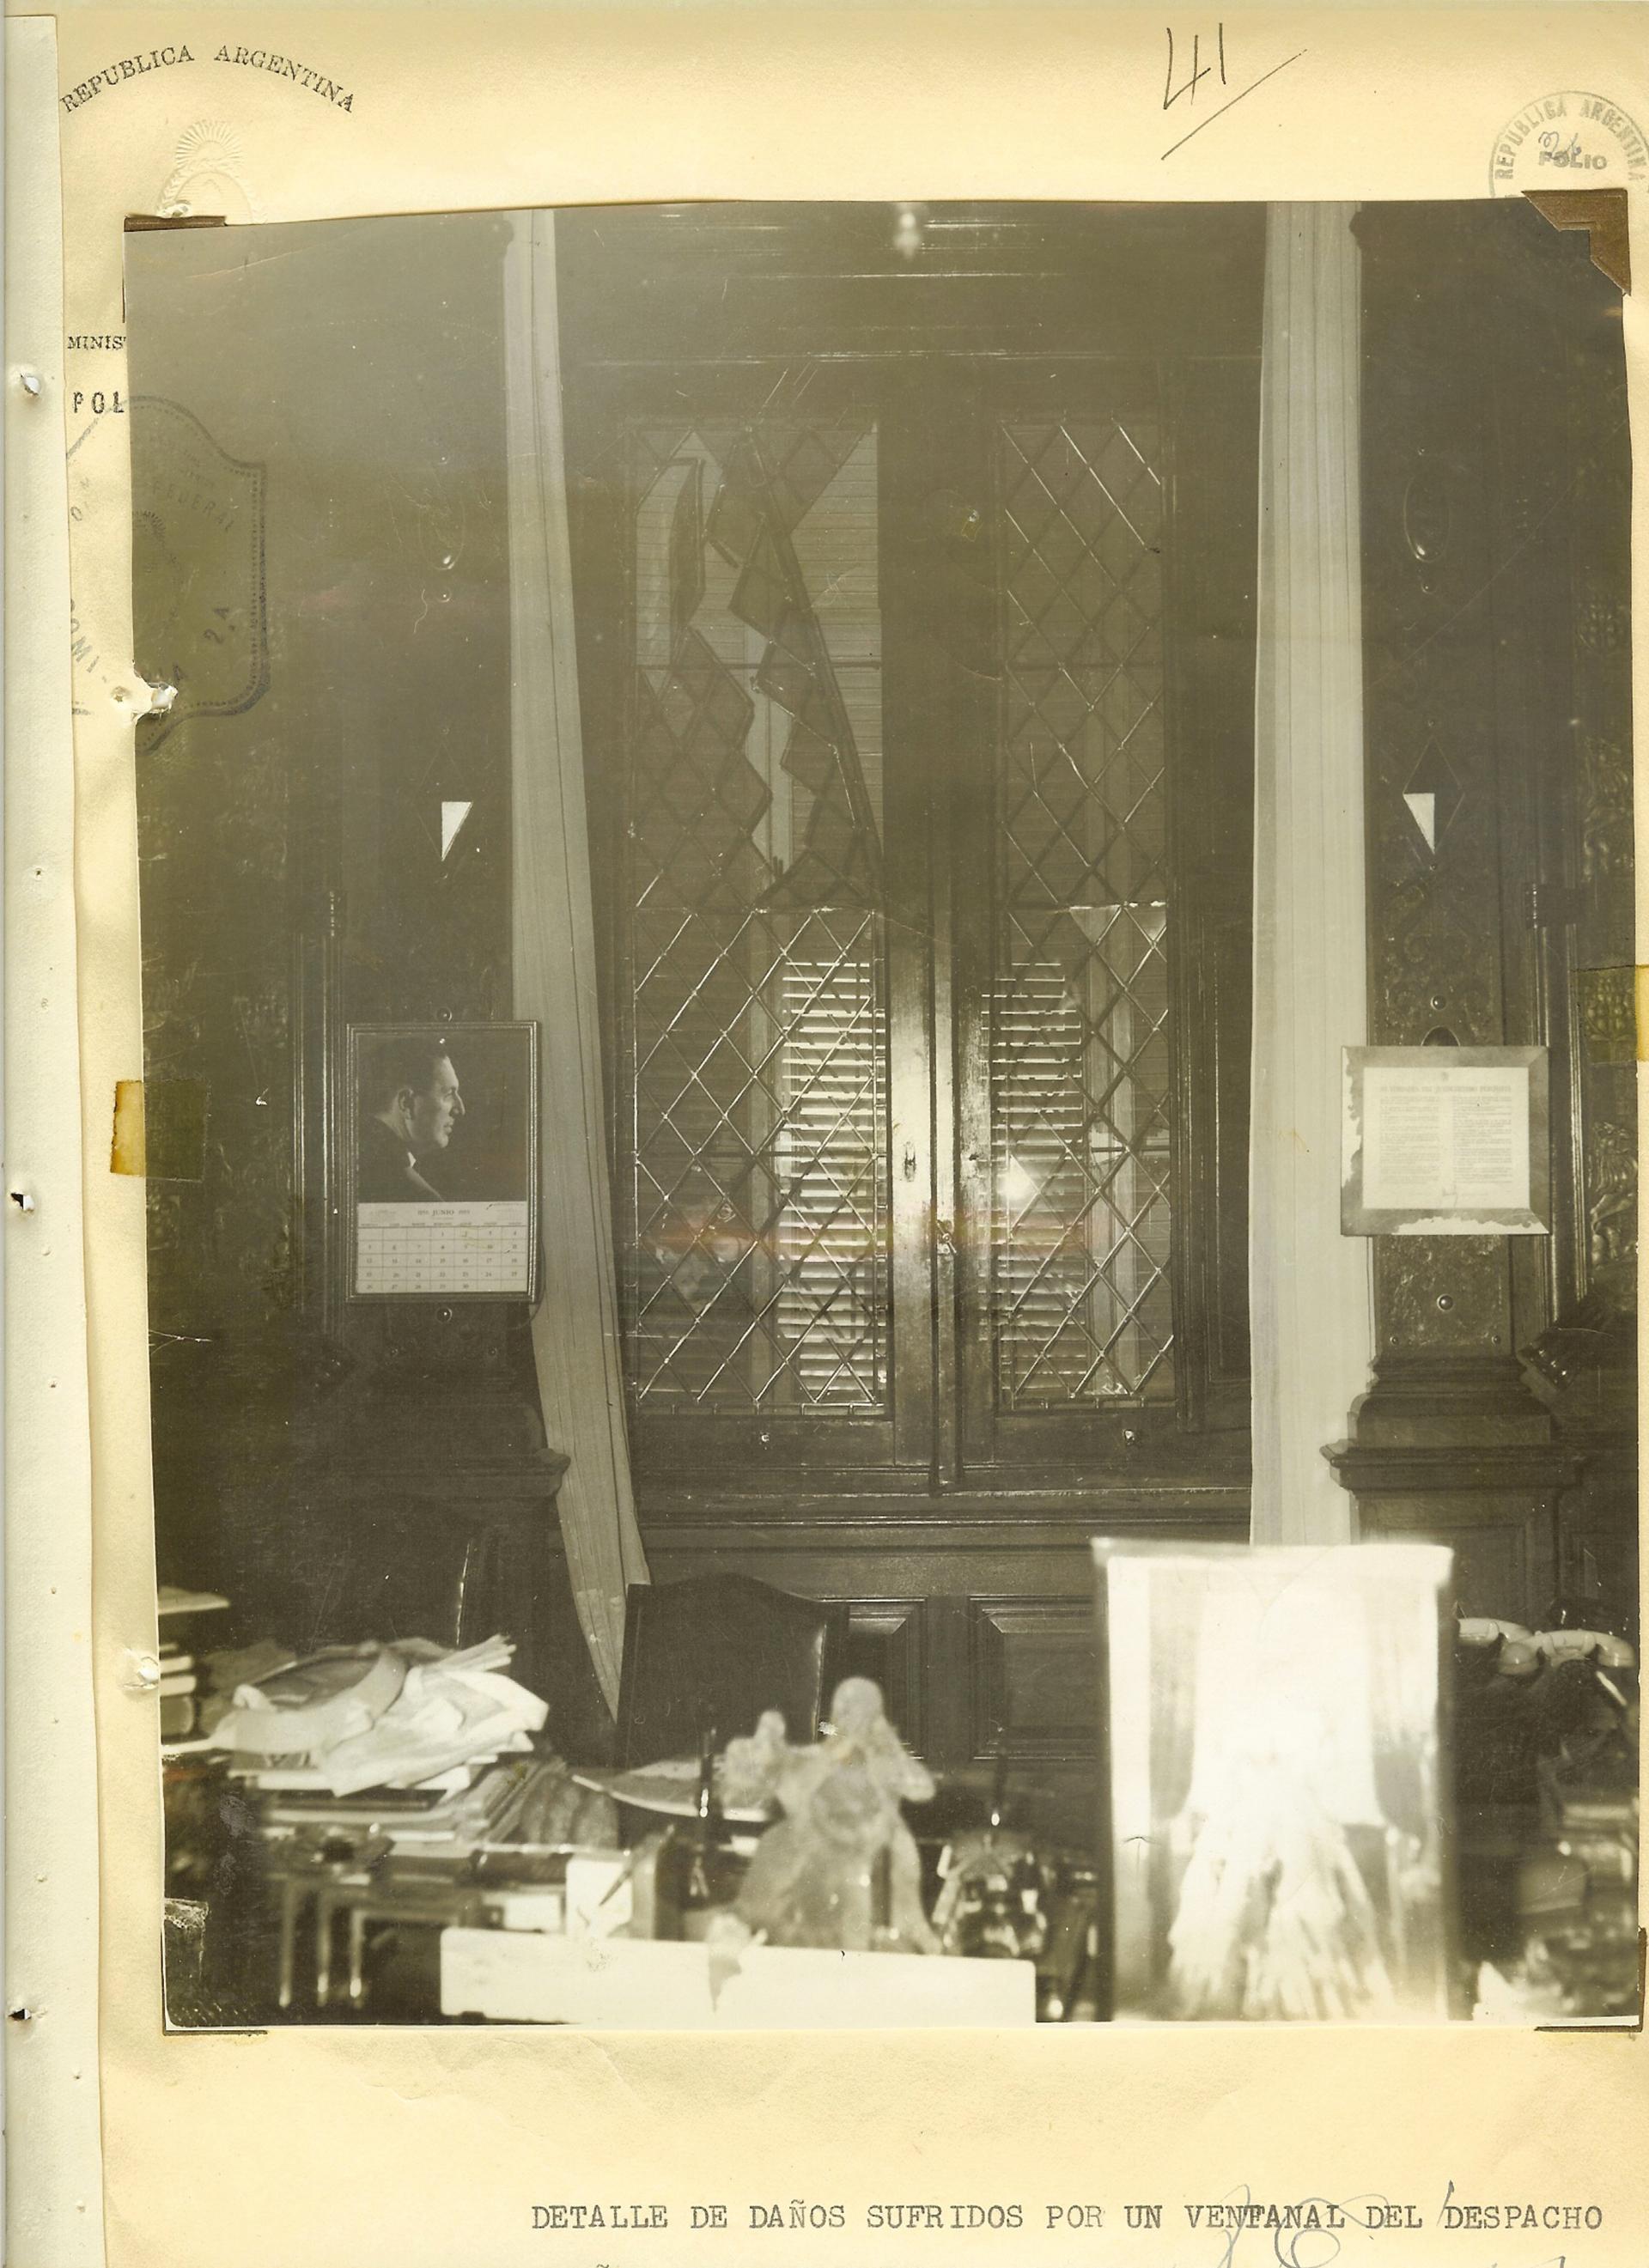 Uno de los despachos de la Casa Rosada. El bombardeo tenía como objeto derrocar a Perón.